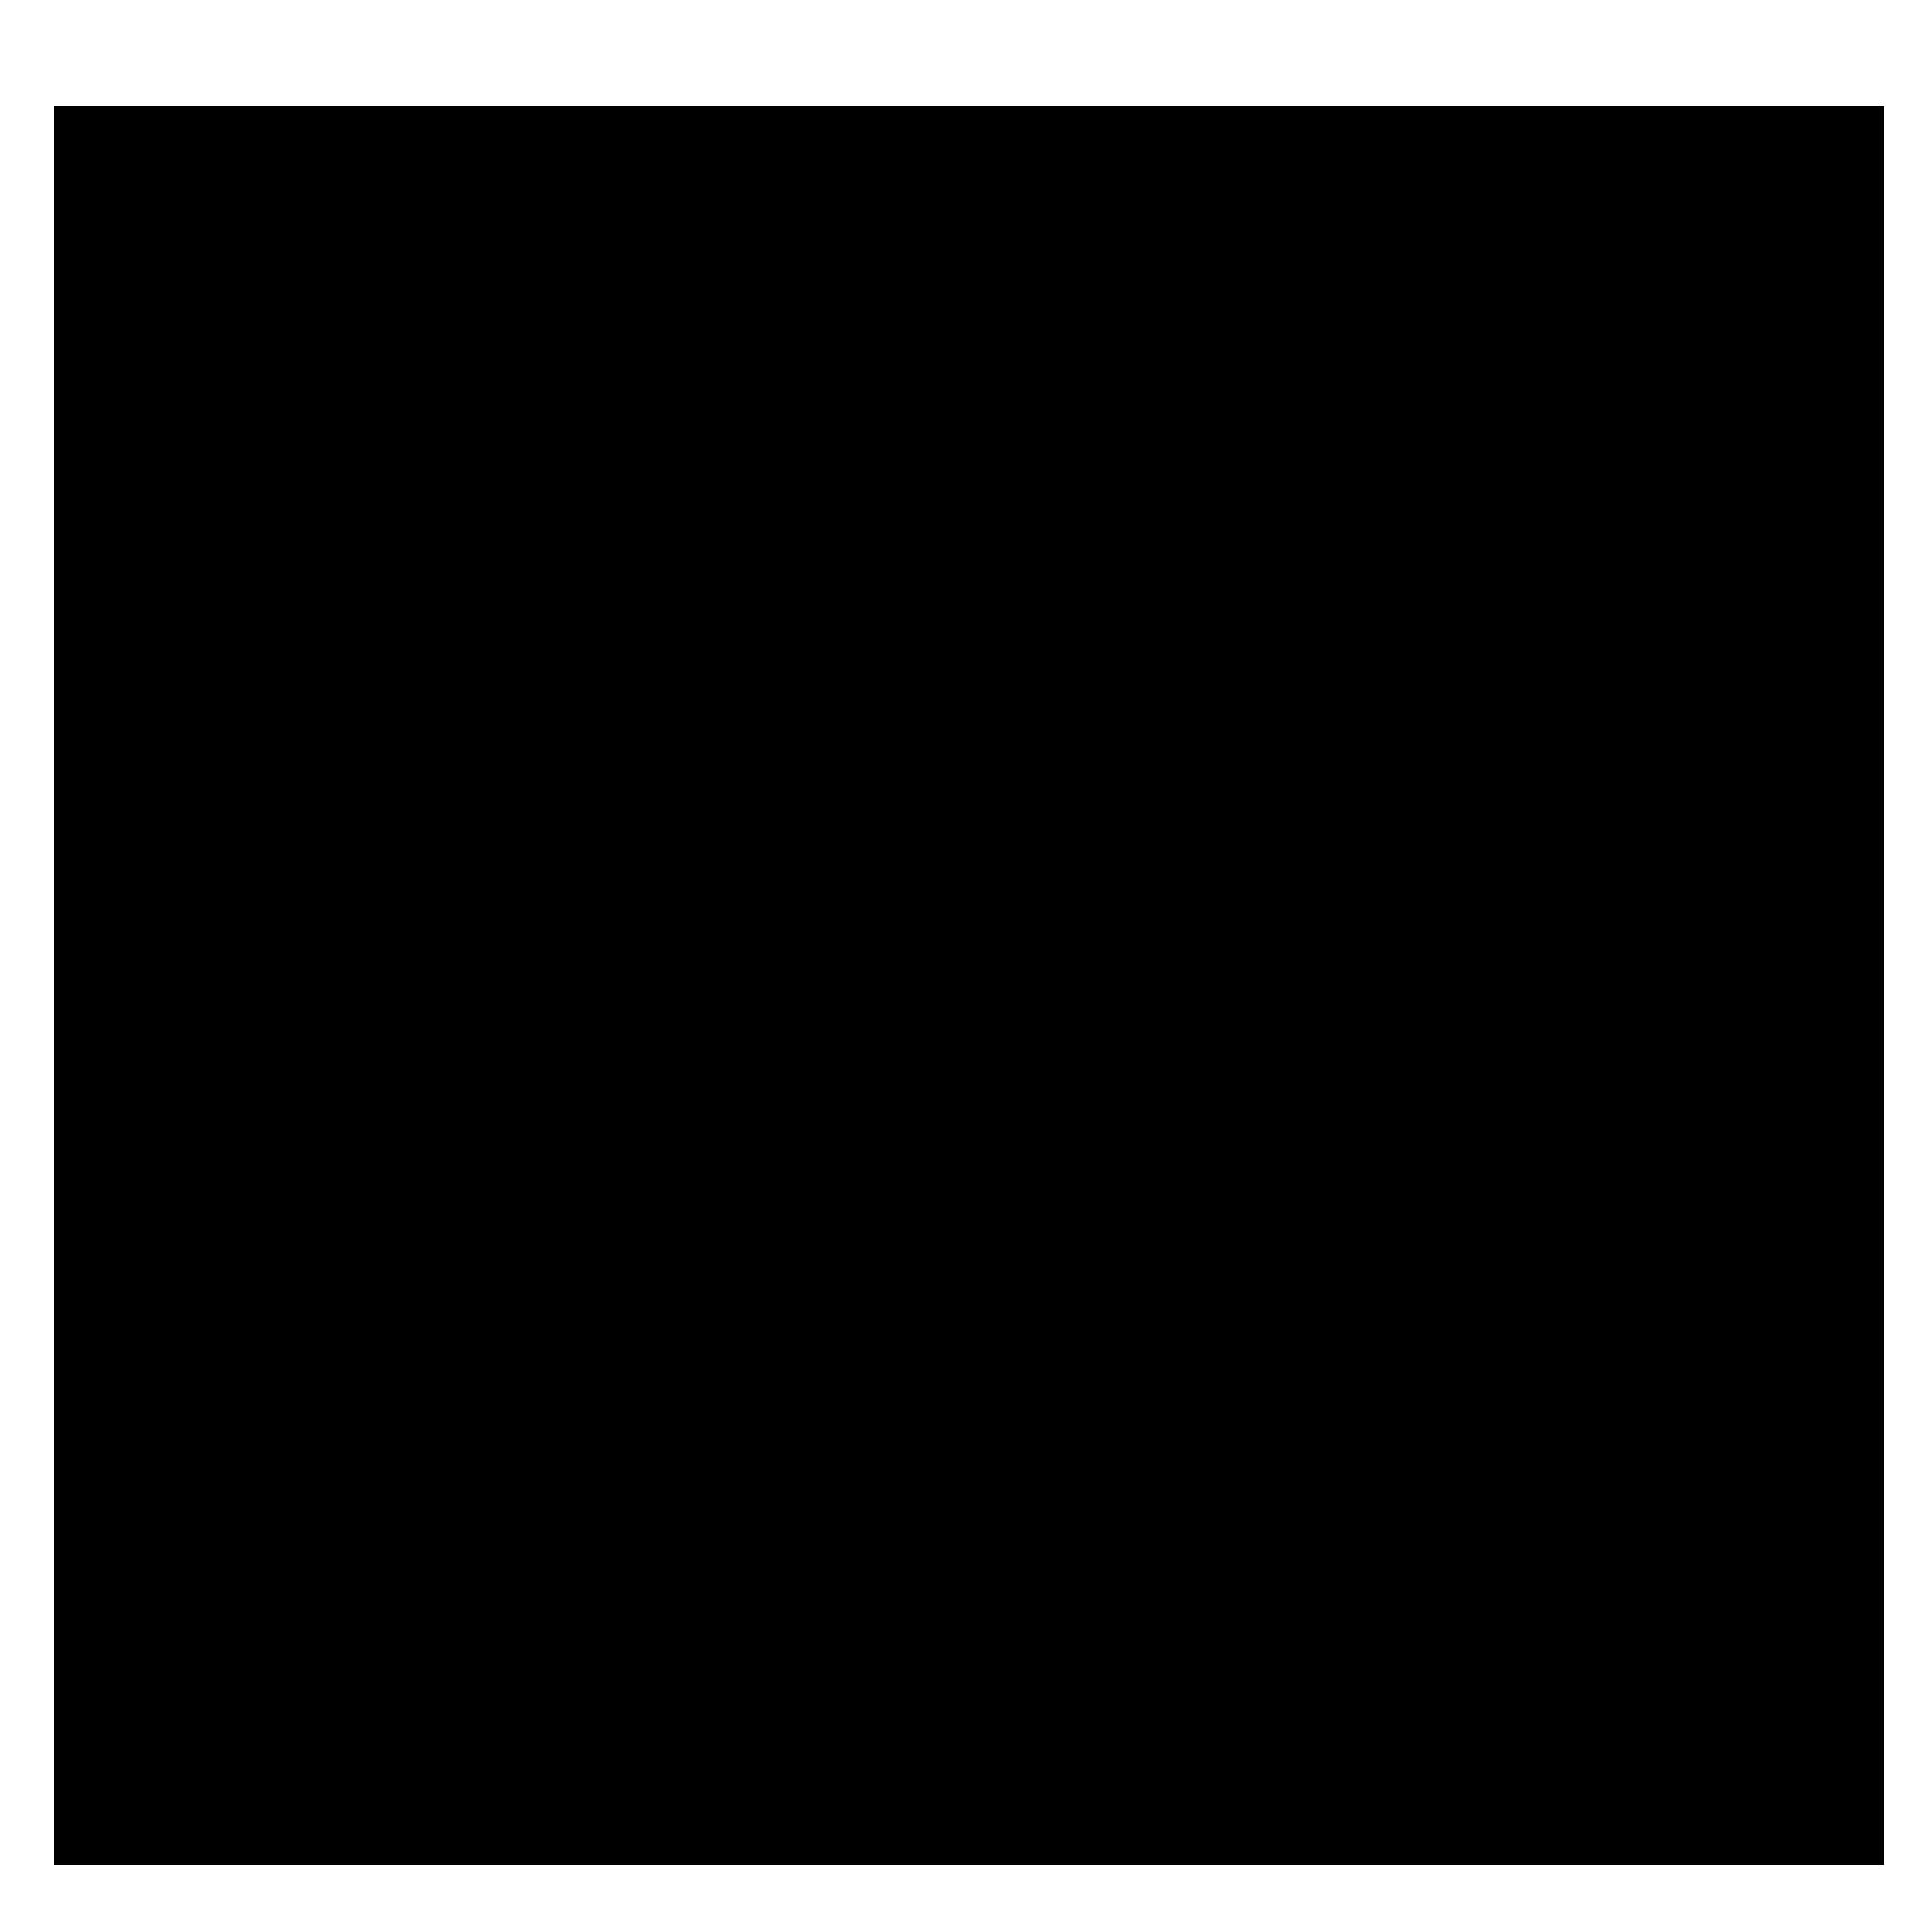 AMVF 2017 LAUREL